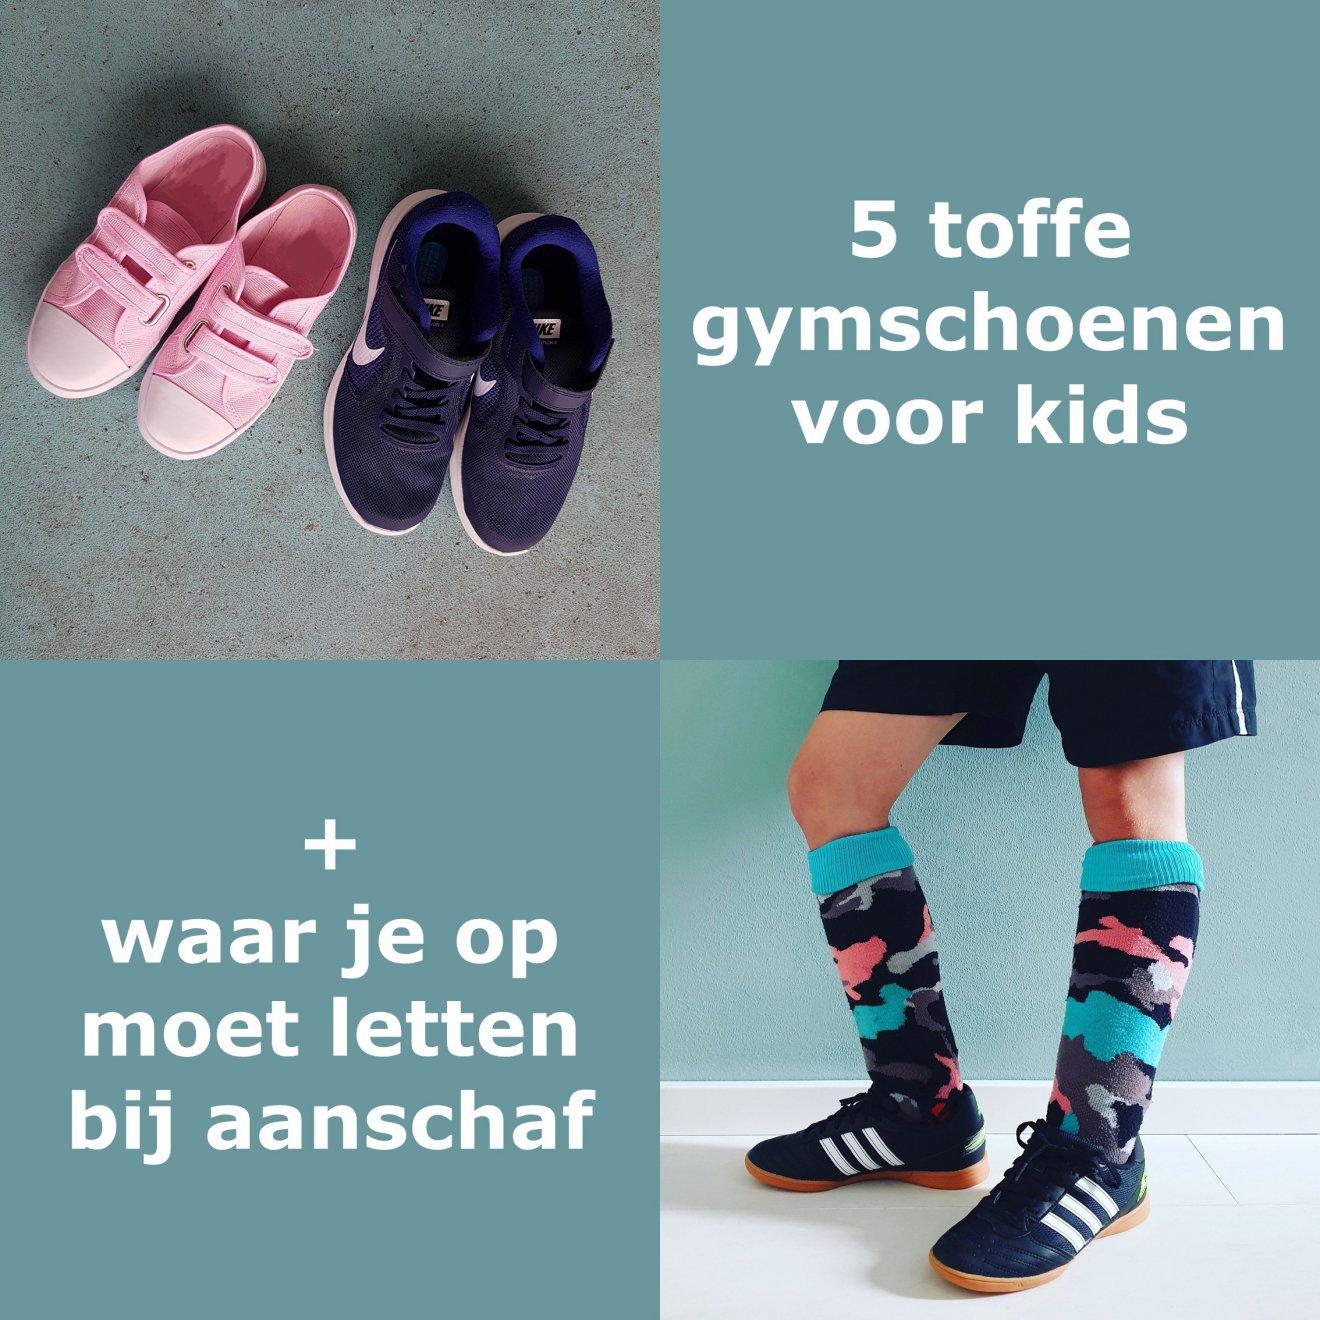 5 gymschoenen voor kinderen + waar je op moet letten bij de aanschaf. Ieder jaar is het weer zoeken: wat koop ik dit jaar voor gymschoenen voor de kinderen. Ik geef je tips waar je op kunt letten bij het kopen van gymschoenen en laat je een paar fijne exemplaren zien. Natuurlijk zijn daarbij ook duurzame zaalschoenen.